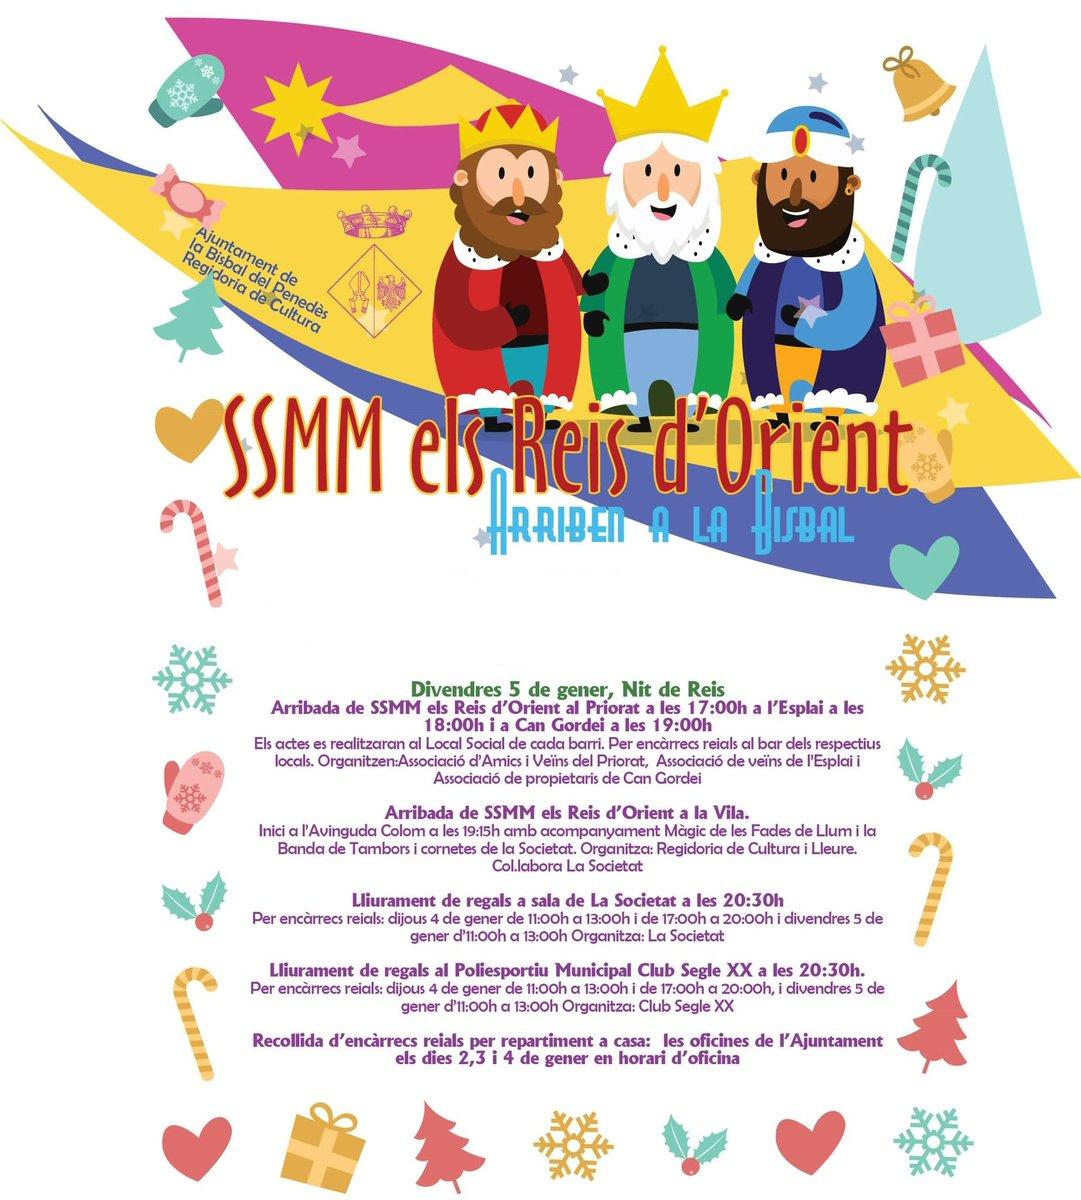 Avui divendres arriben SSMM els Reis d'Orient a la Bisbal del Penedès